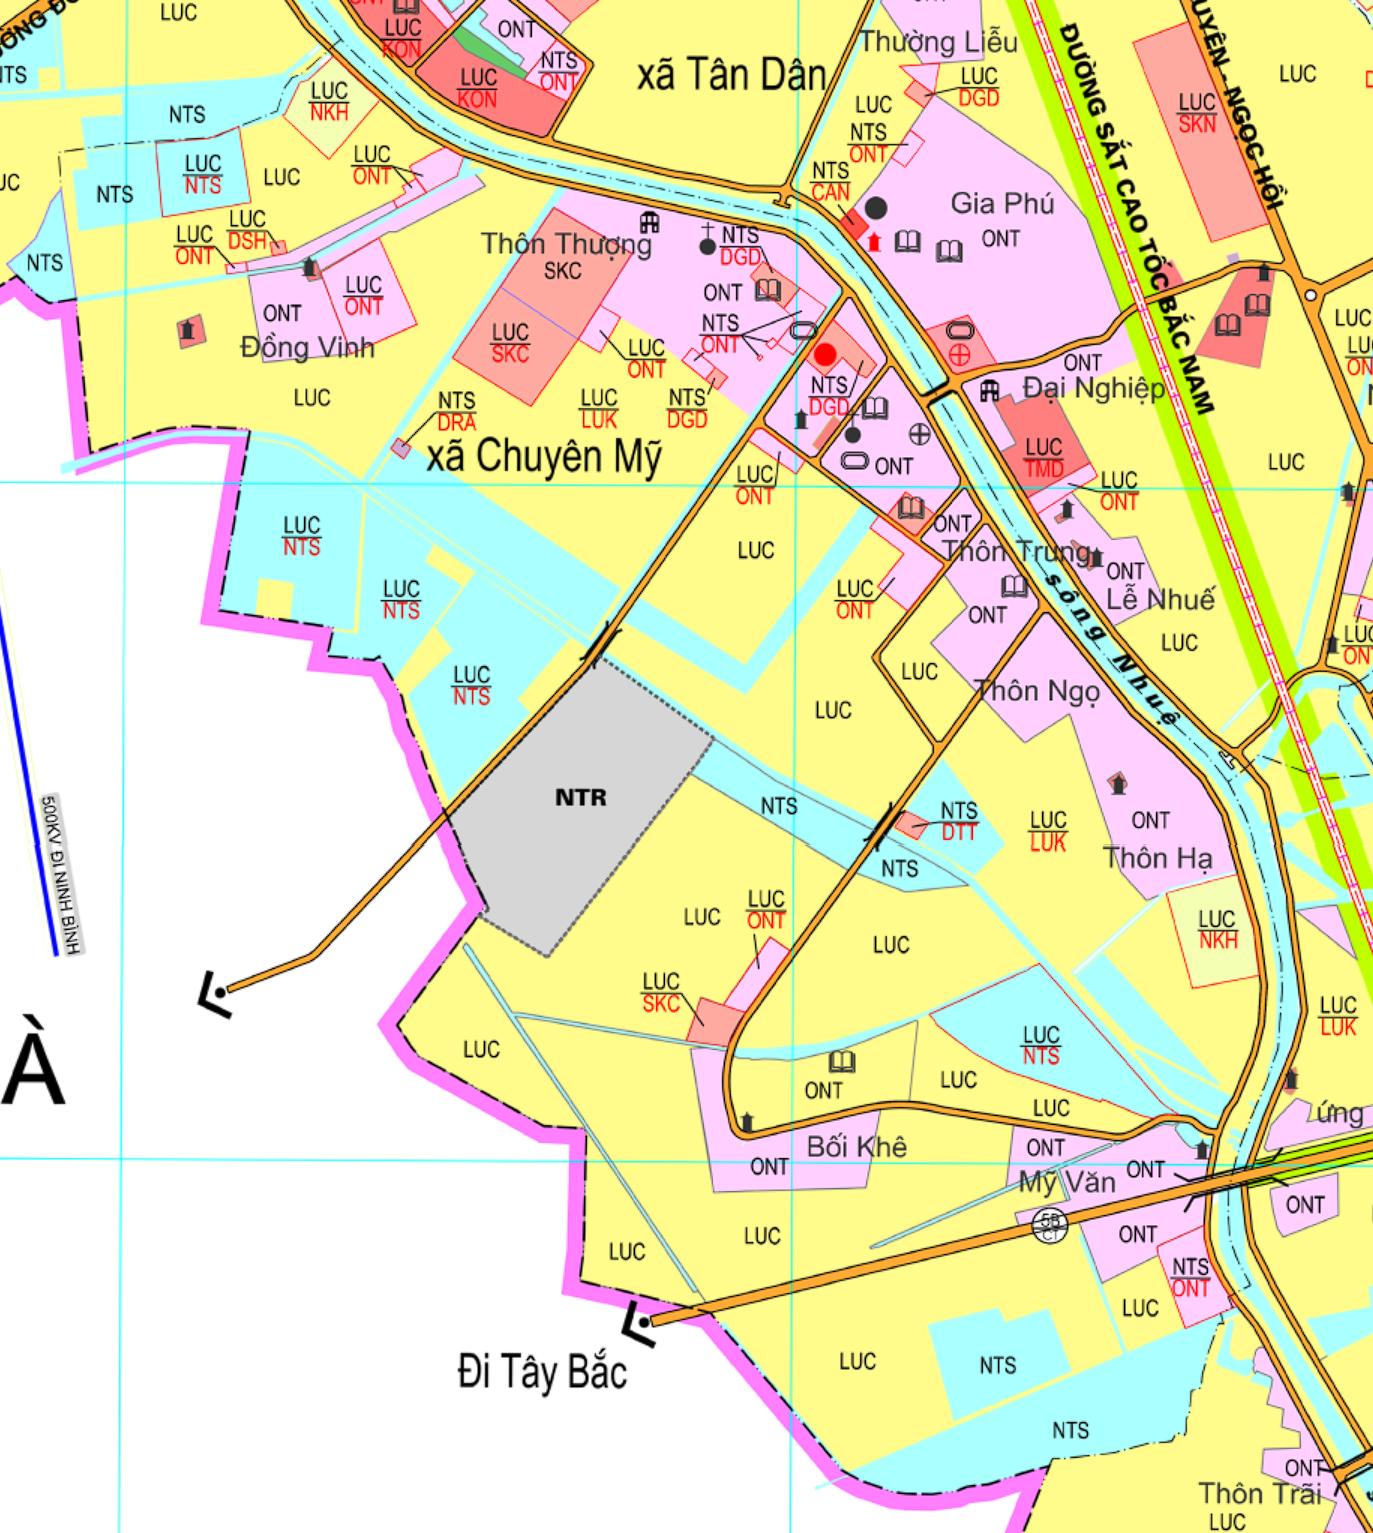 Bản đồ quy hoạch sử dụng đất xã Chuyên Mỹ, Phú Xuyên, Hà Nội - Ảnh 2.